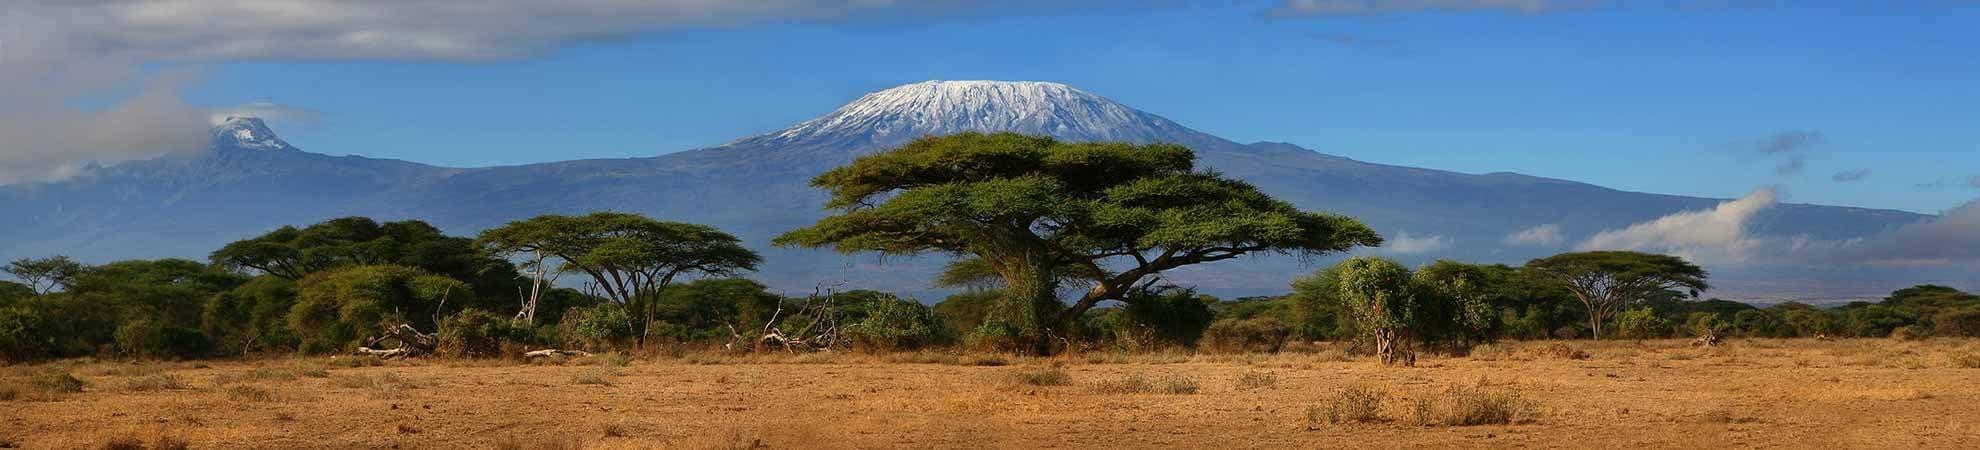 Tous nos voyages Afrique par Pays